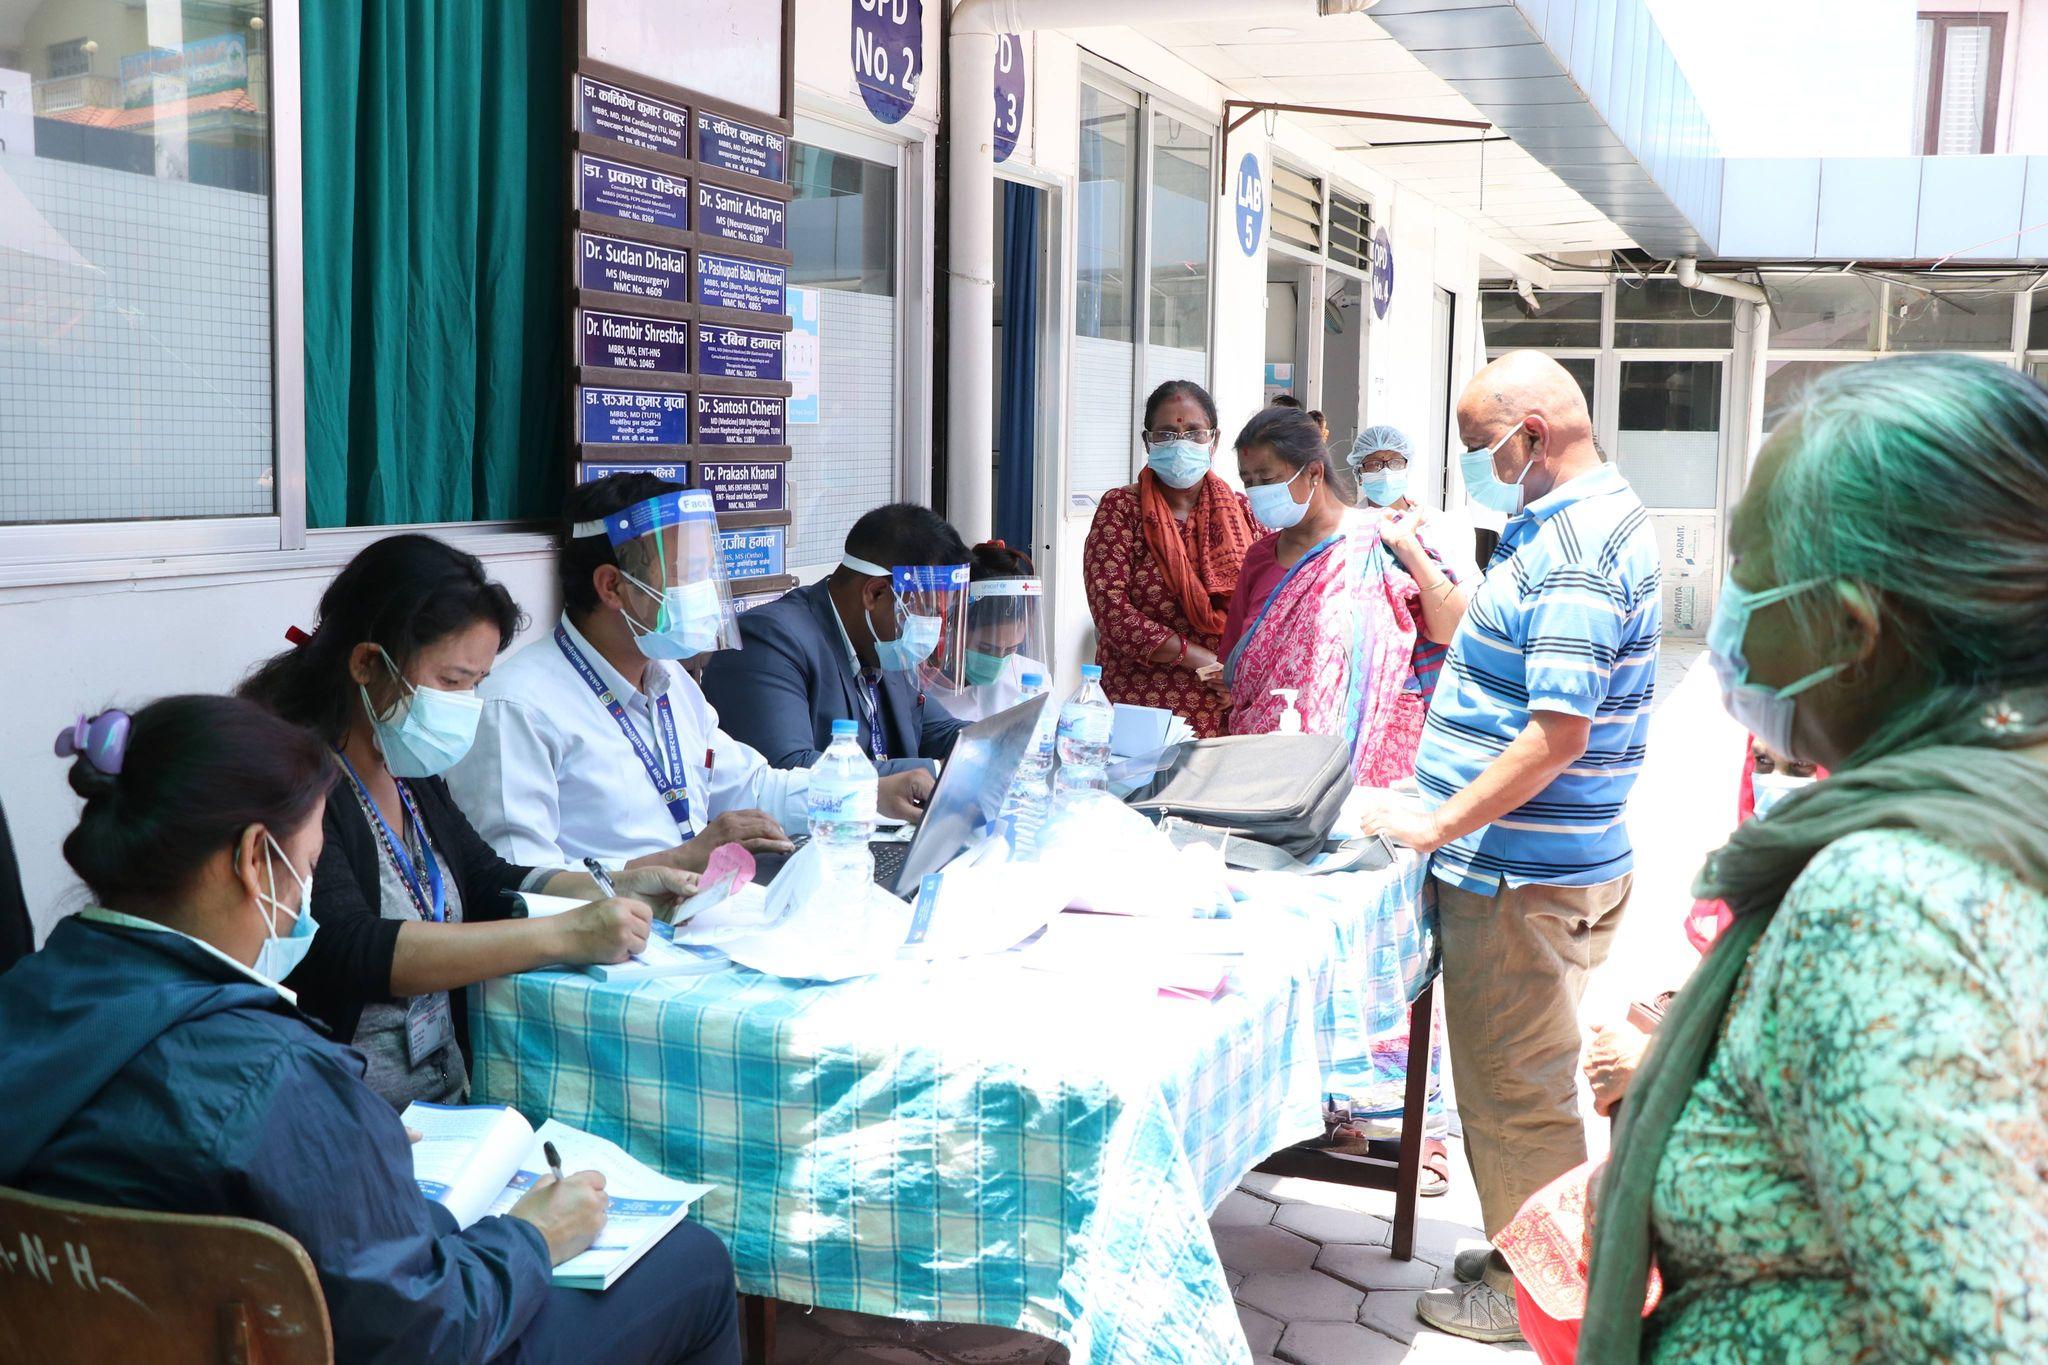 काठमाडौंमा ५० वर्ष माथिकालाई चार दिन खोप अभियान संचालन हुने